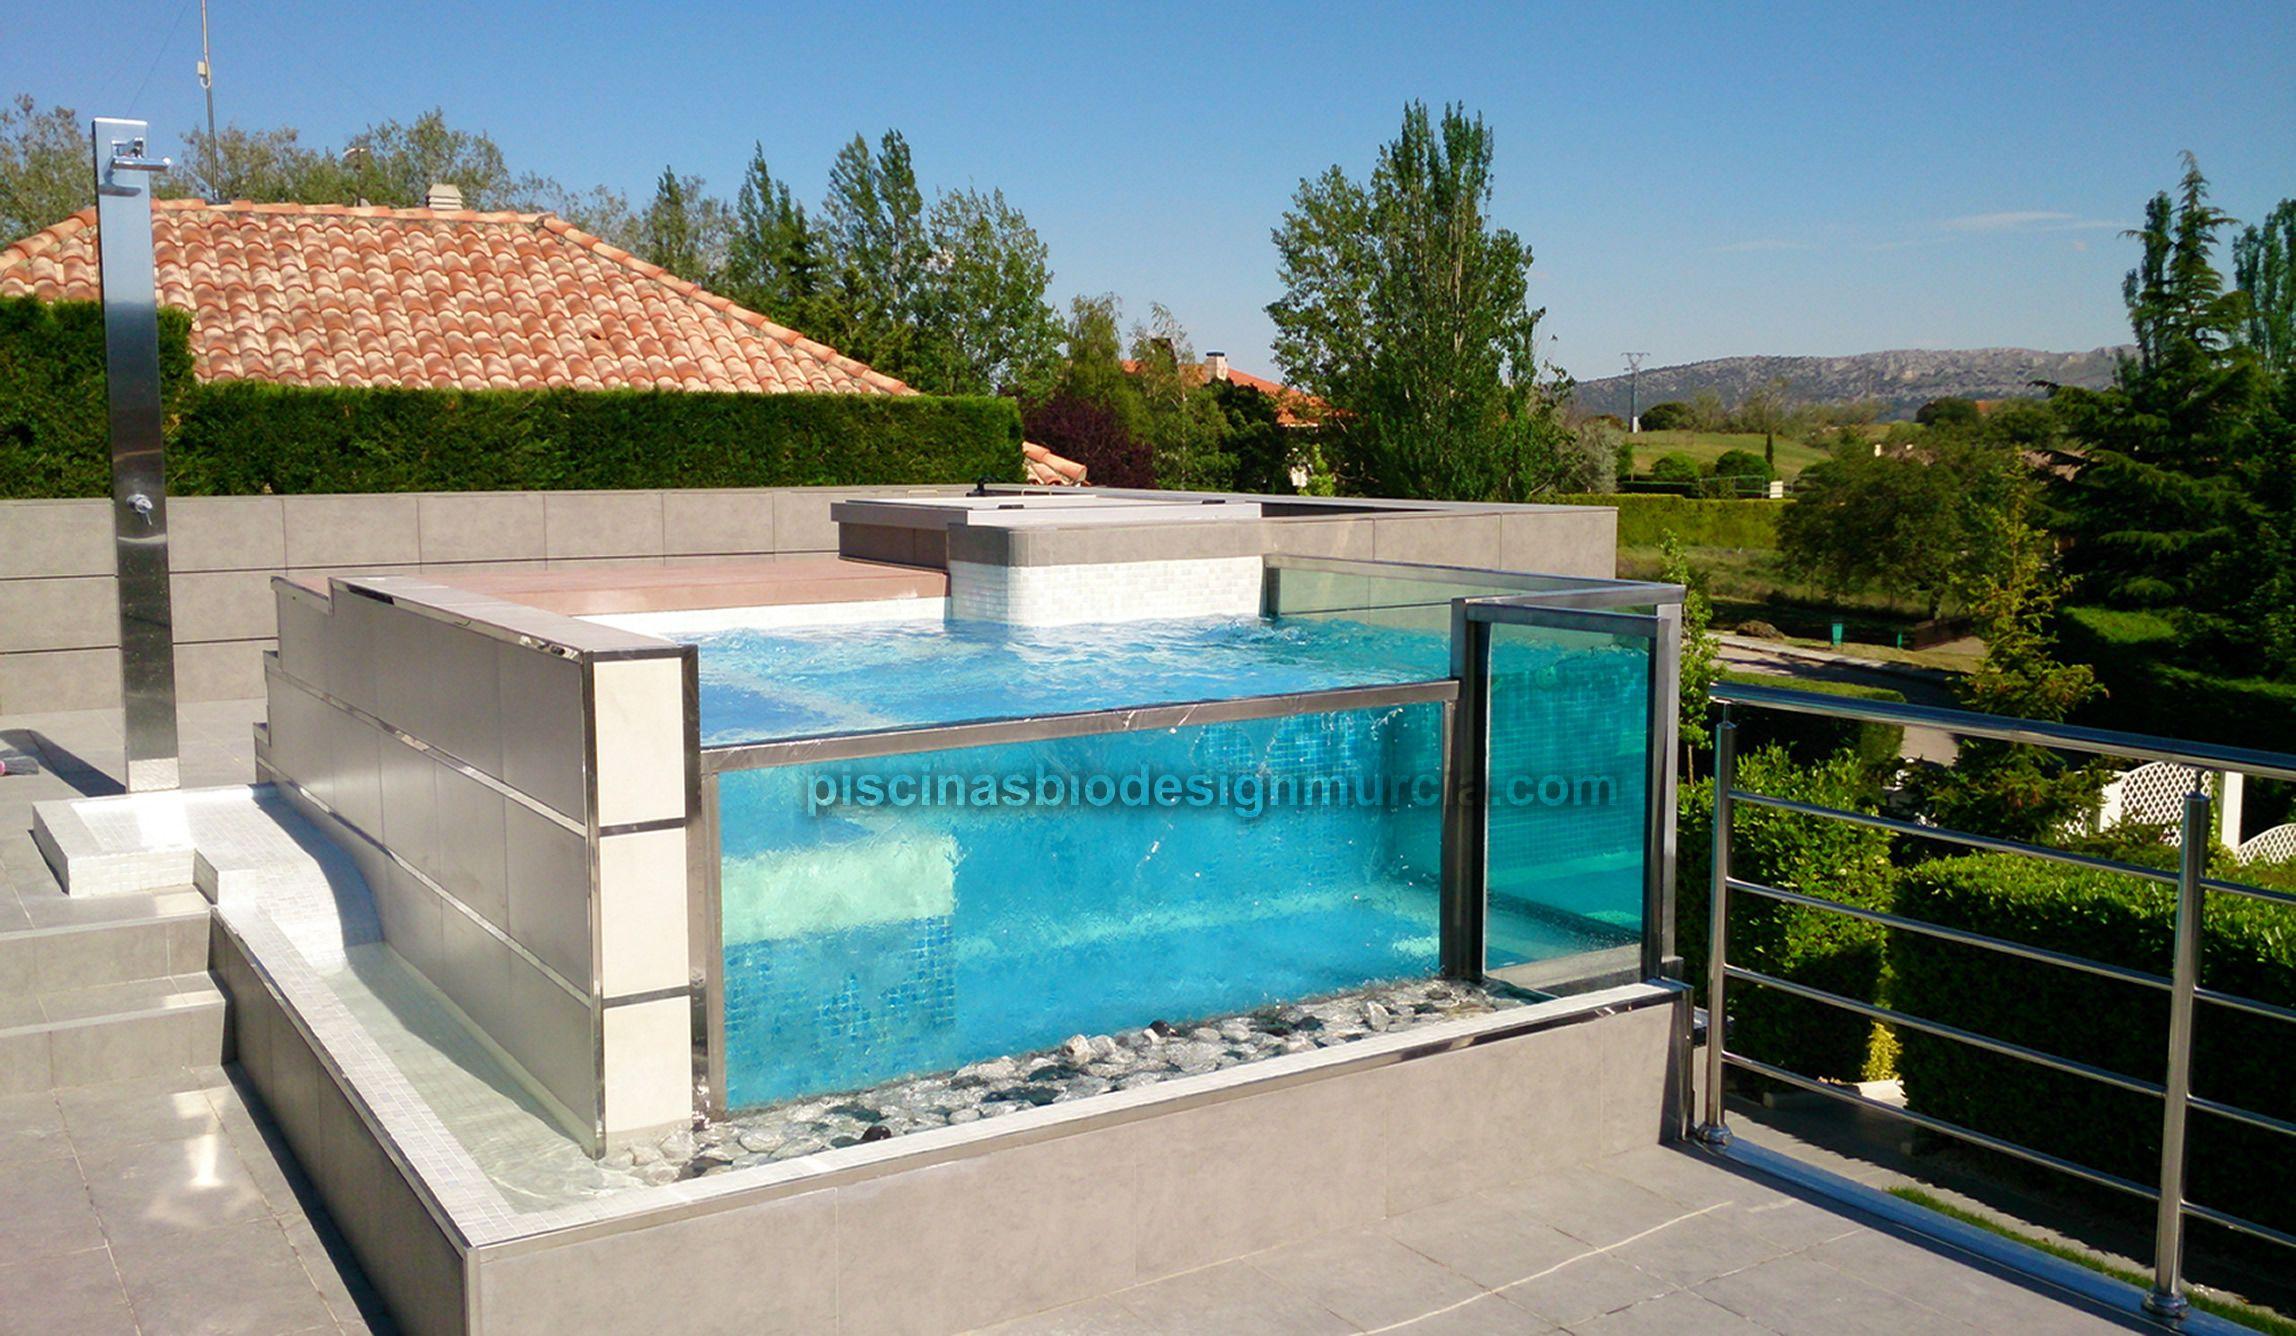 Piscina de cristal desbordante arquitectura piscinas - Piscina de cristal ...